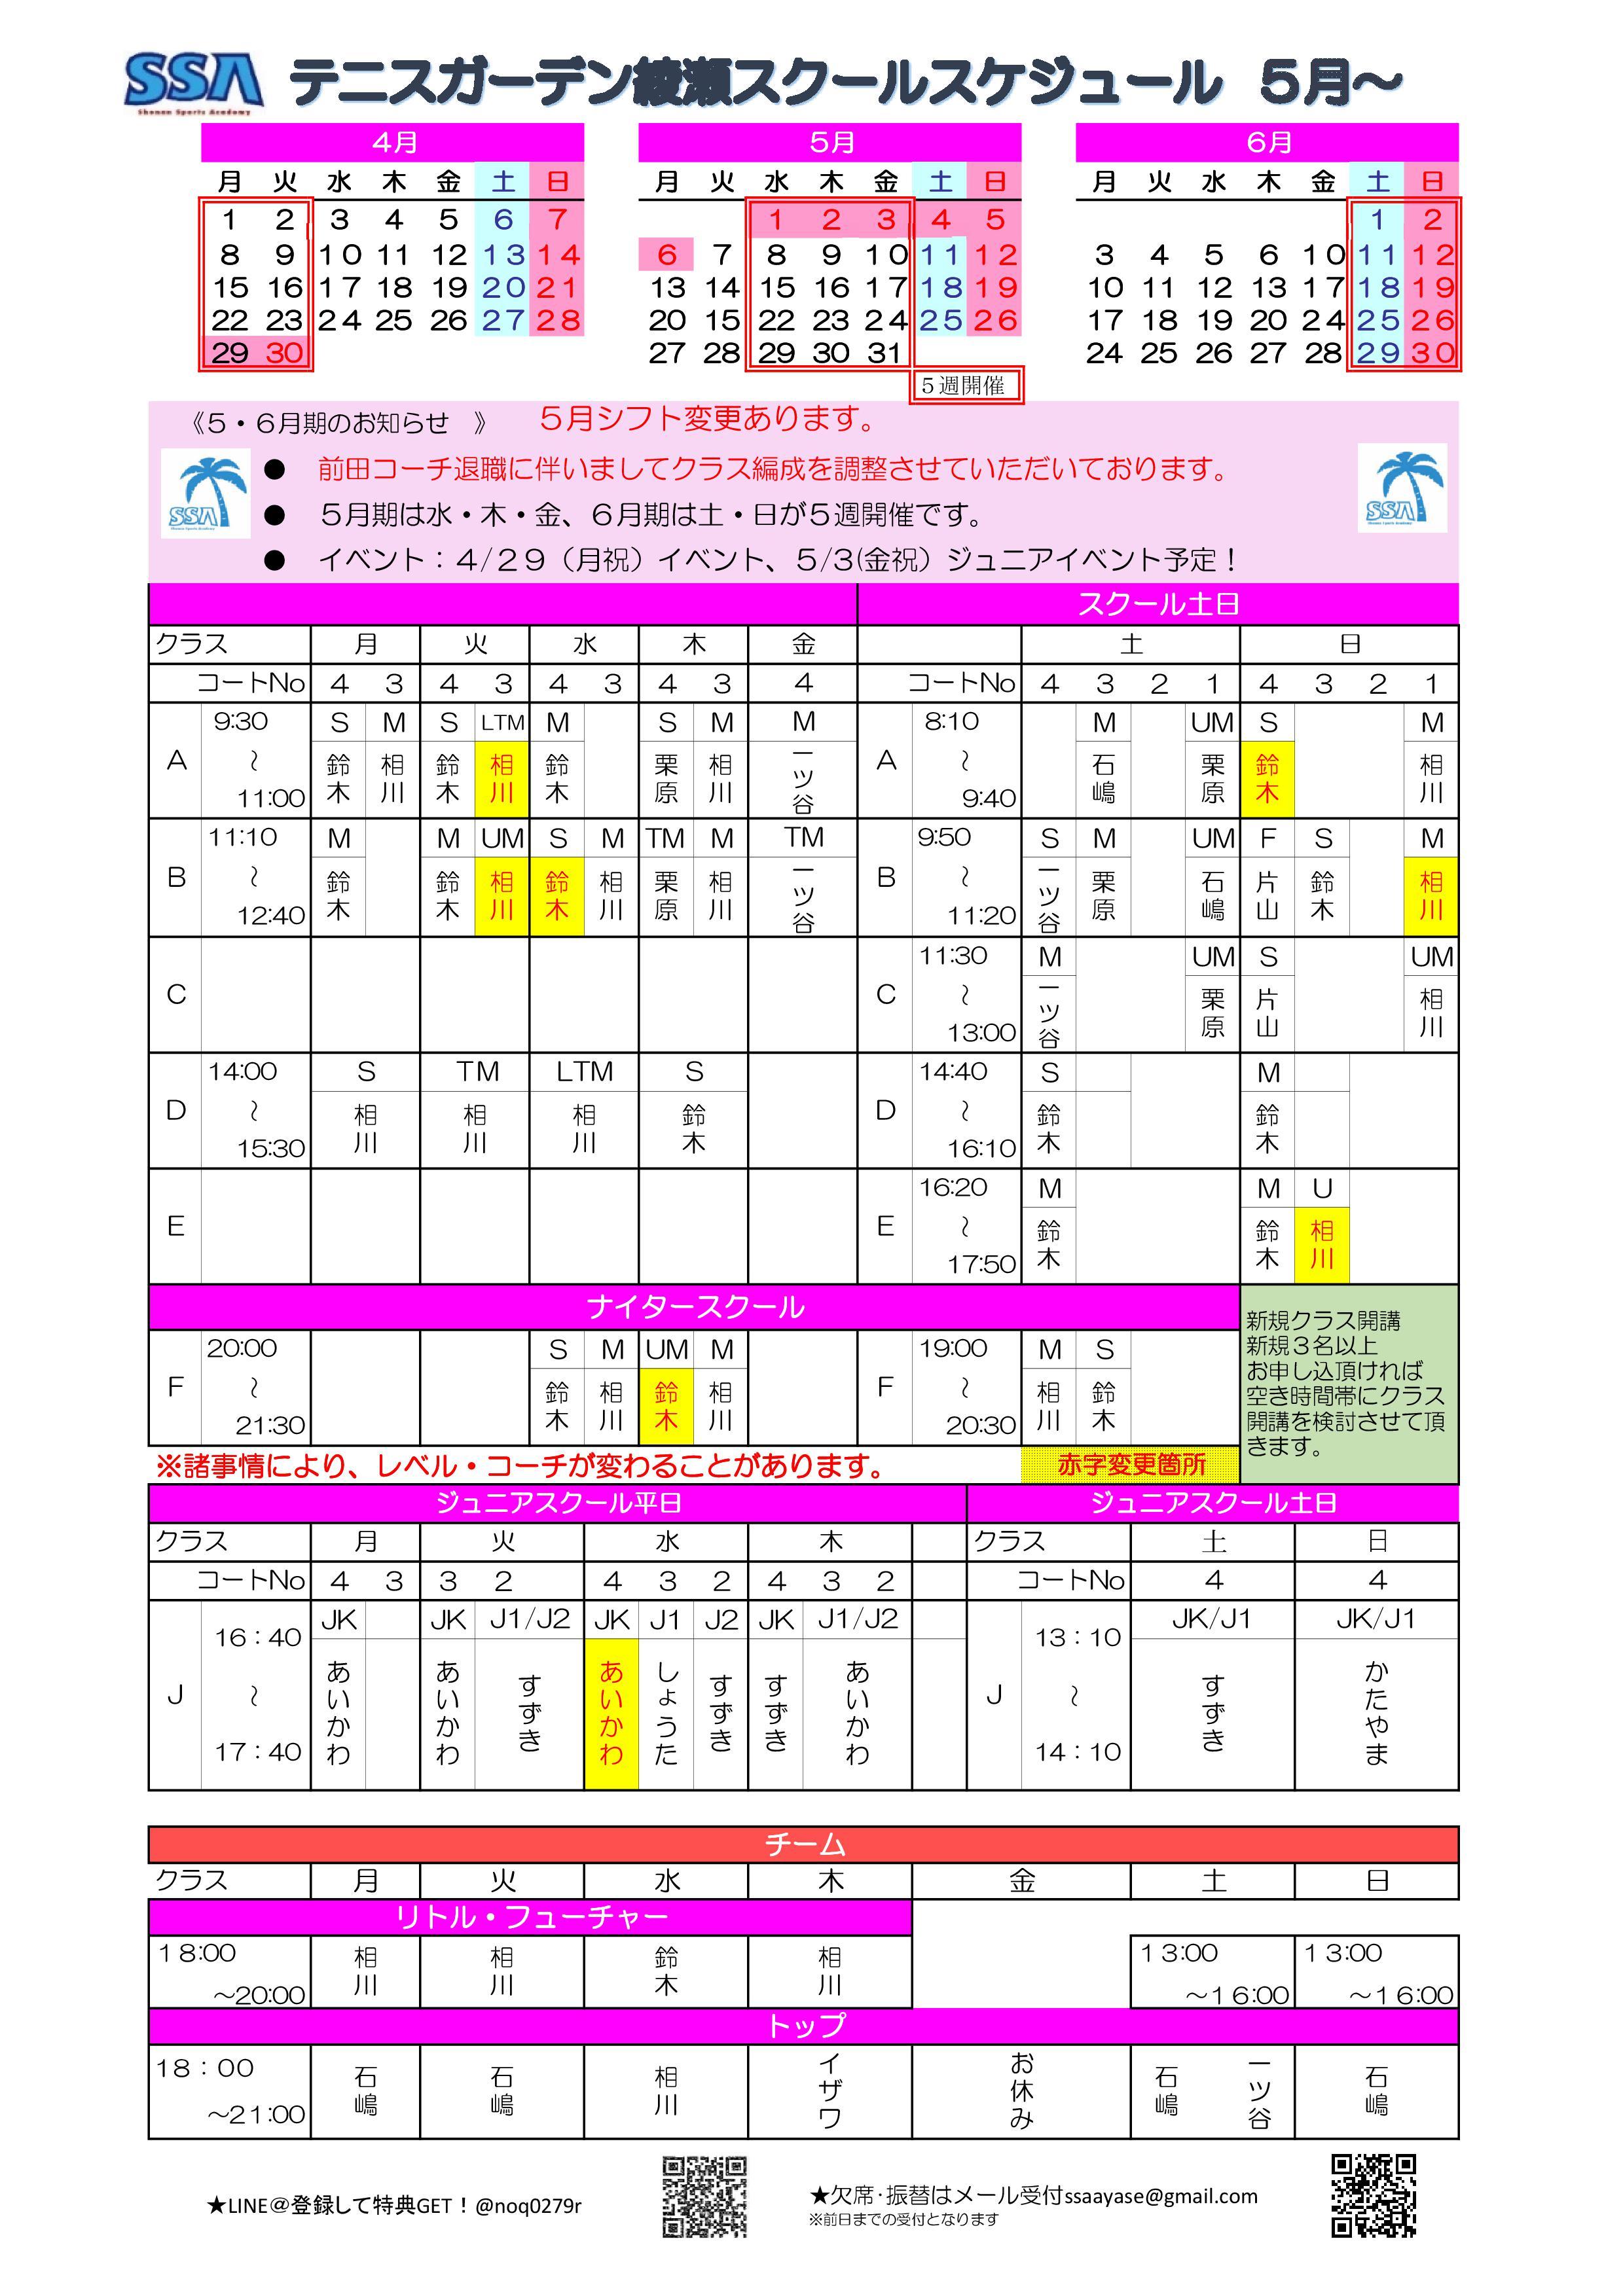 2019年5月スケジュール SSAテニスガーデン綾瀬 5月スクールスケジュール 2019年5月からの新しいスケジュールです。